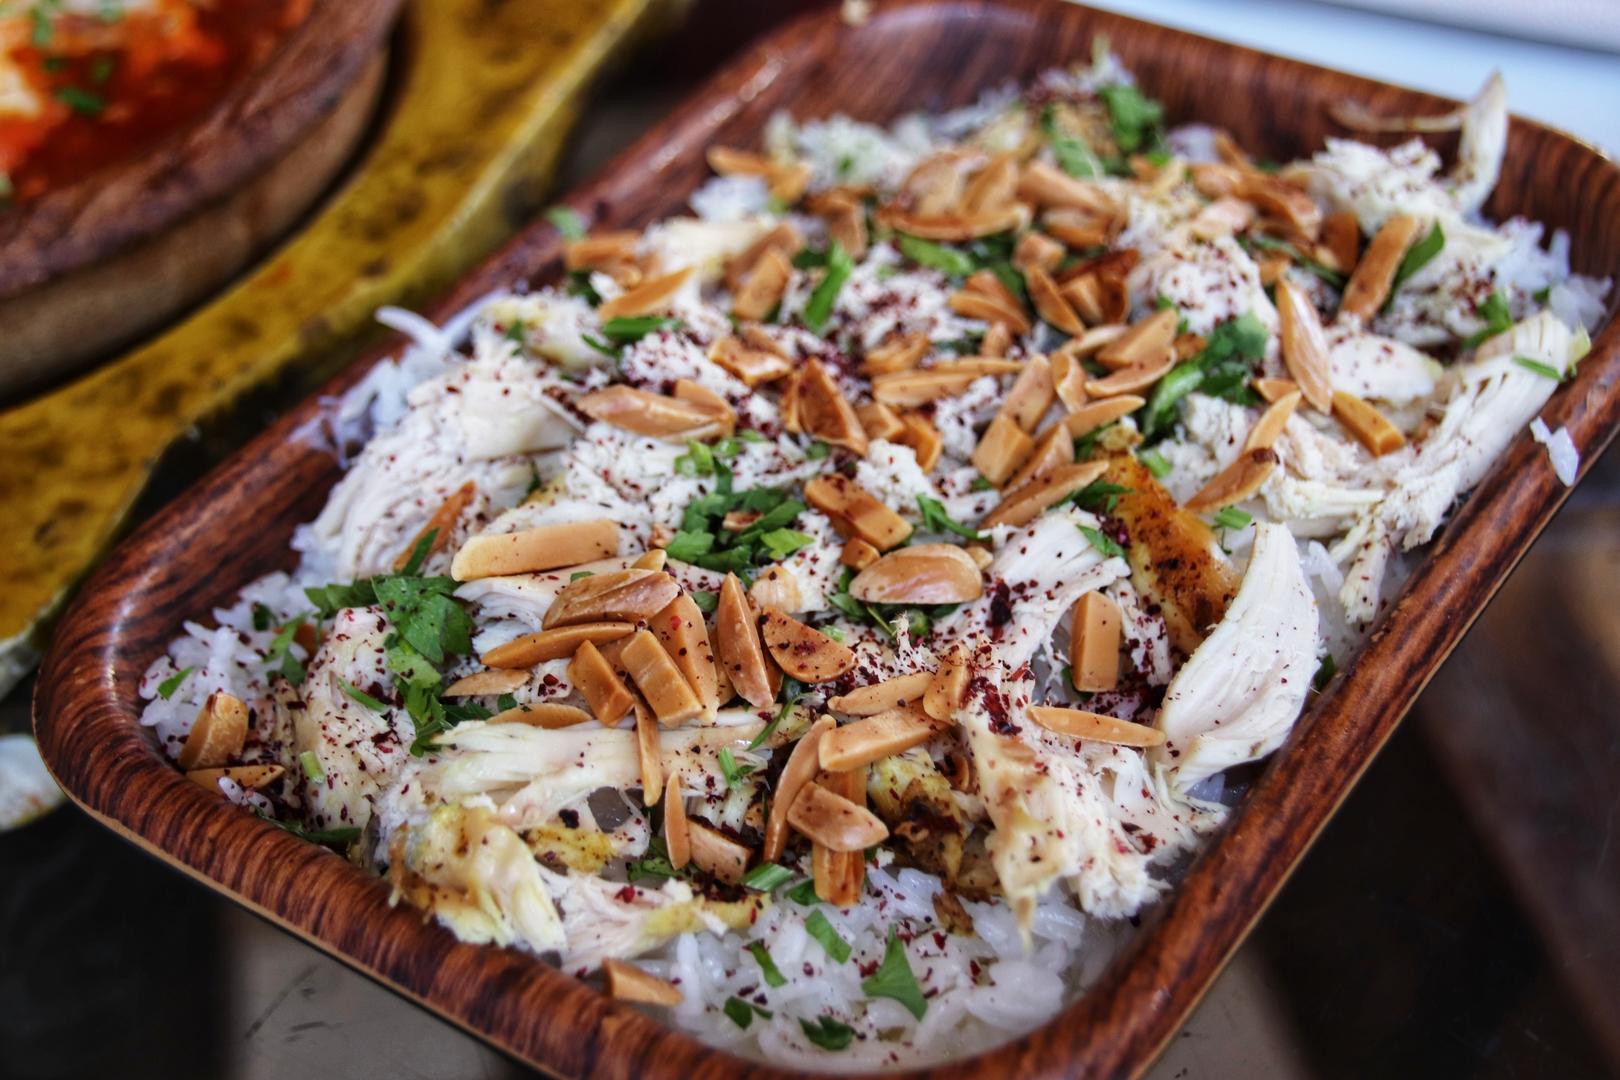 Jordanie - Chicken fatteh, plat de la cuisine jordanienne